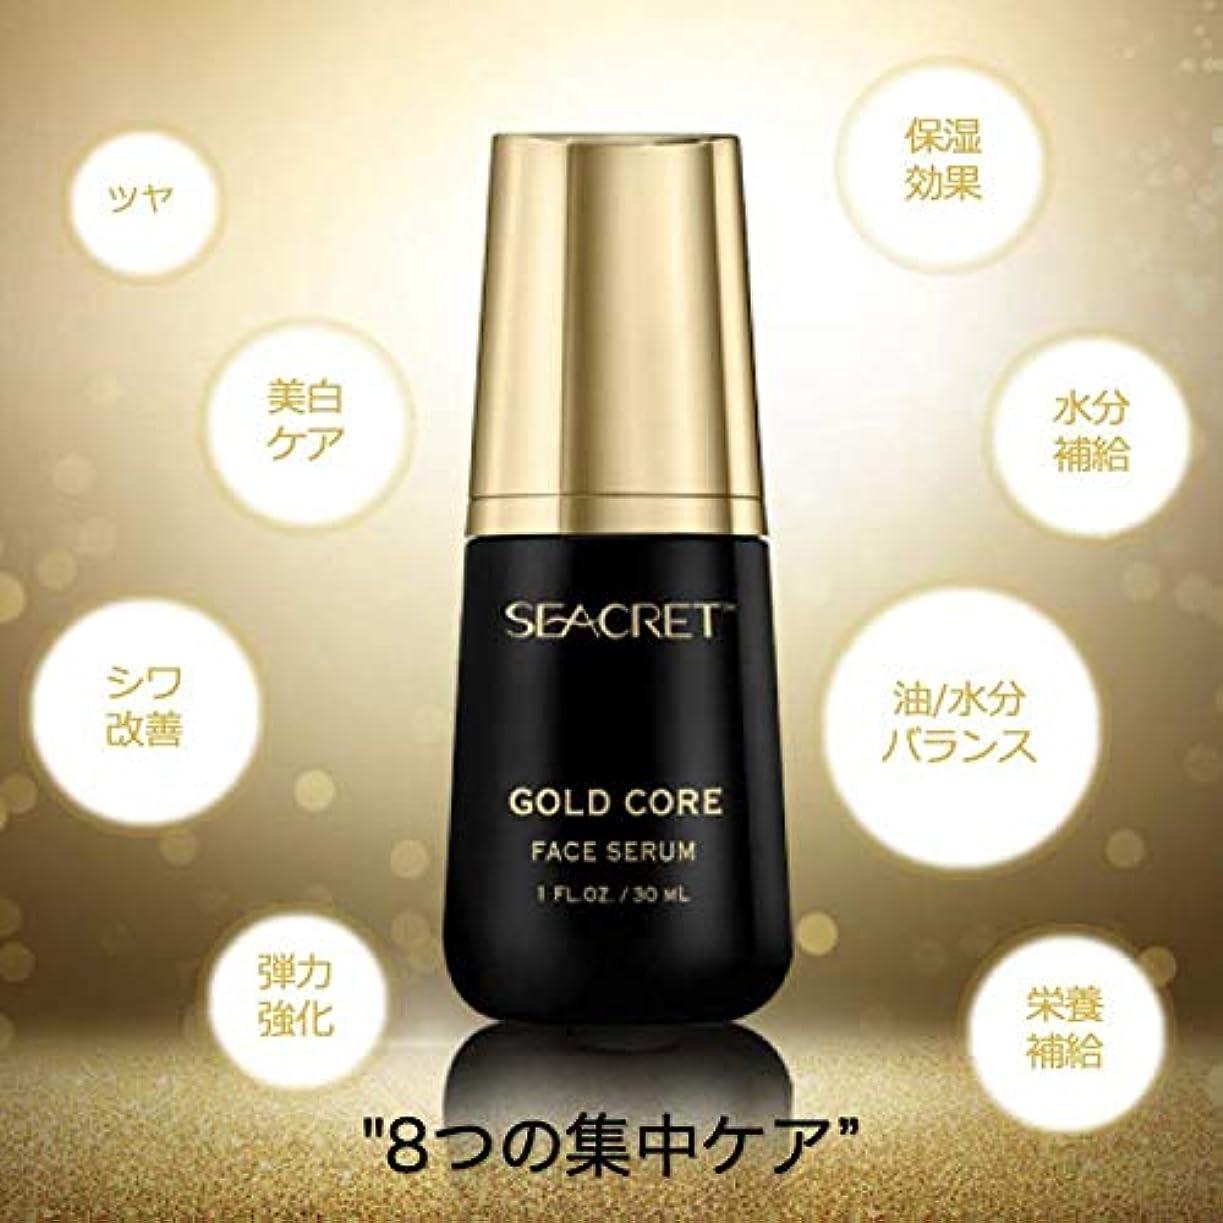 測る祝福アジア人SEACRET(シークレット) 24K金 タイムレスフェイスセーラム GOLD CORE TIMELESS FACE SERUM 30ML